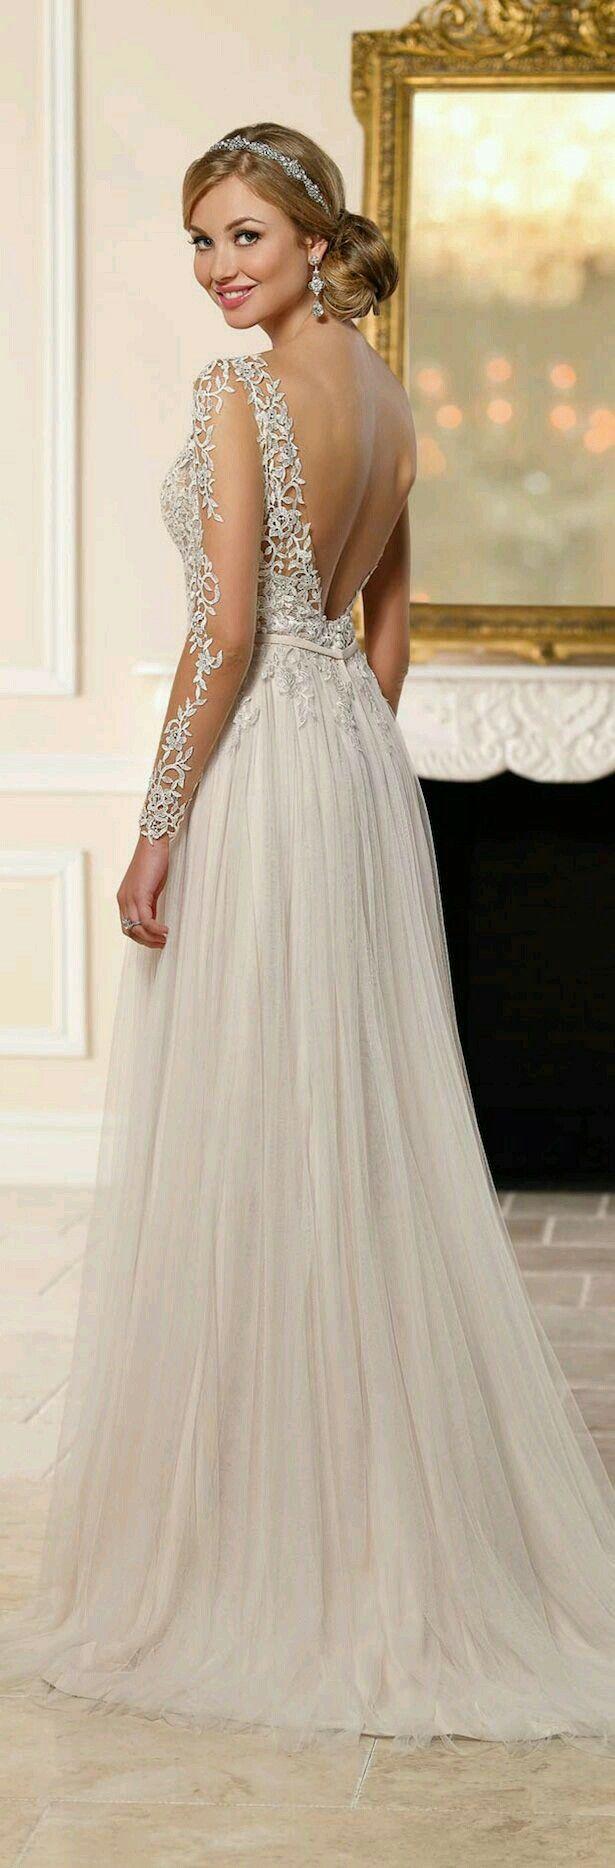 Ausgezeichnet Wedding Dresses East Kilbride Fotos - Brautkleider ...